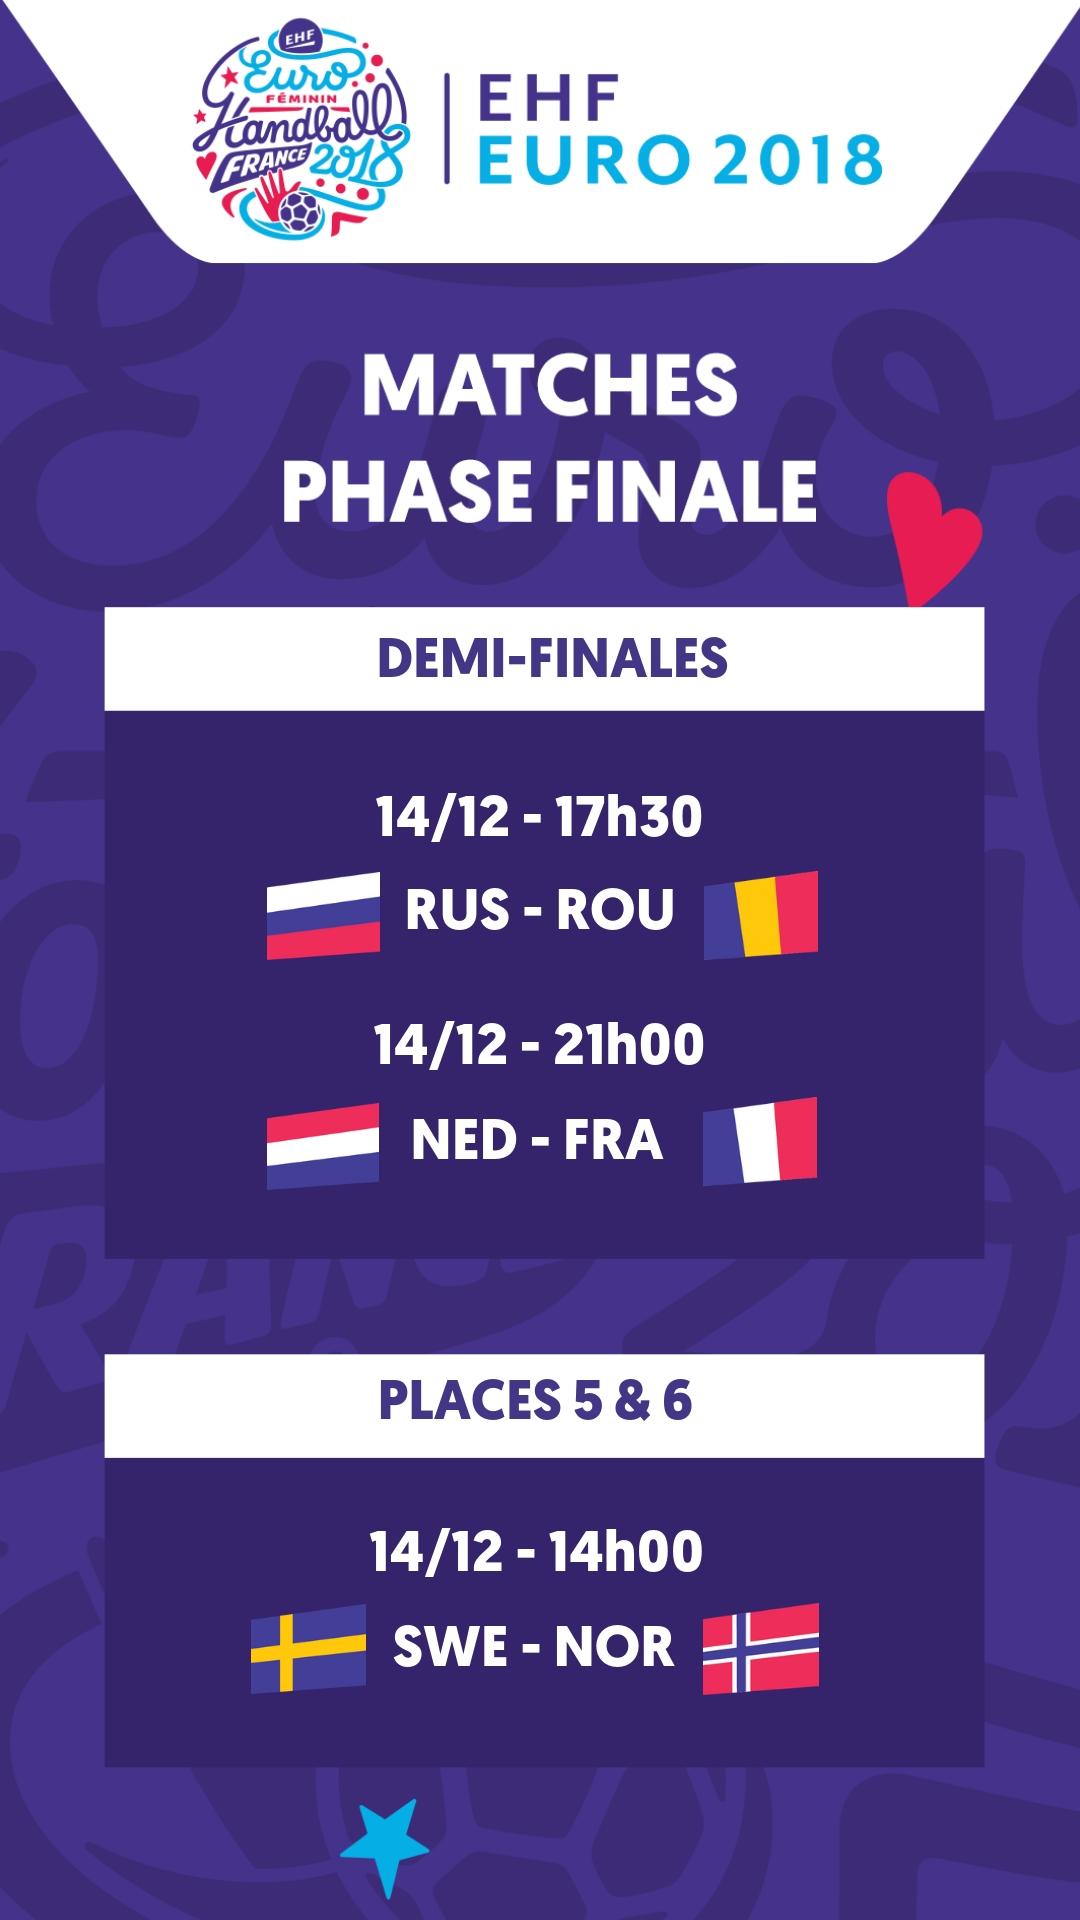 calendrier 14 DEC EHF EURO 2018